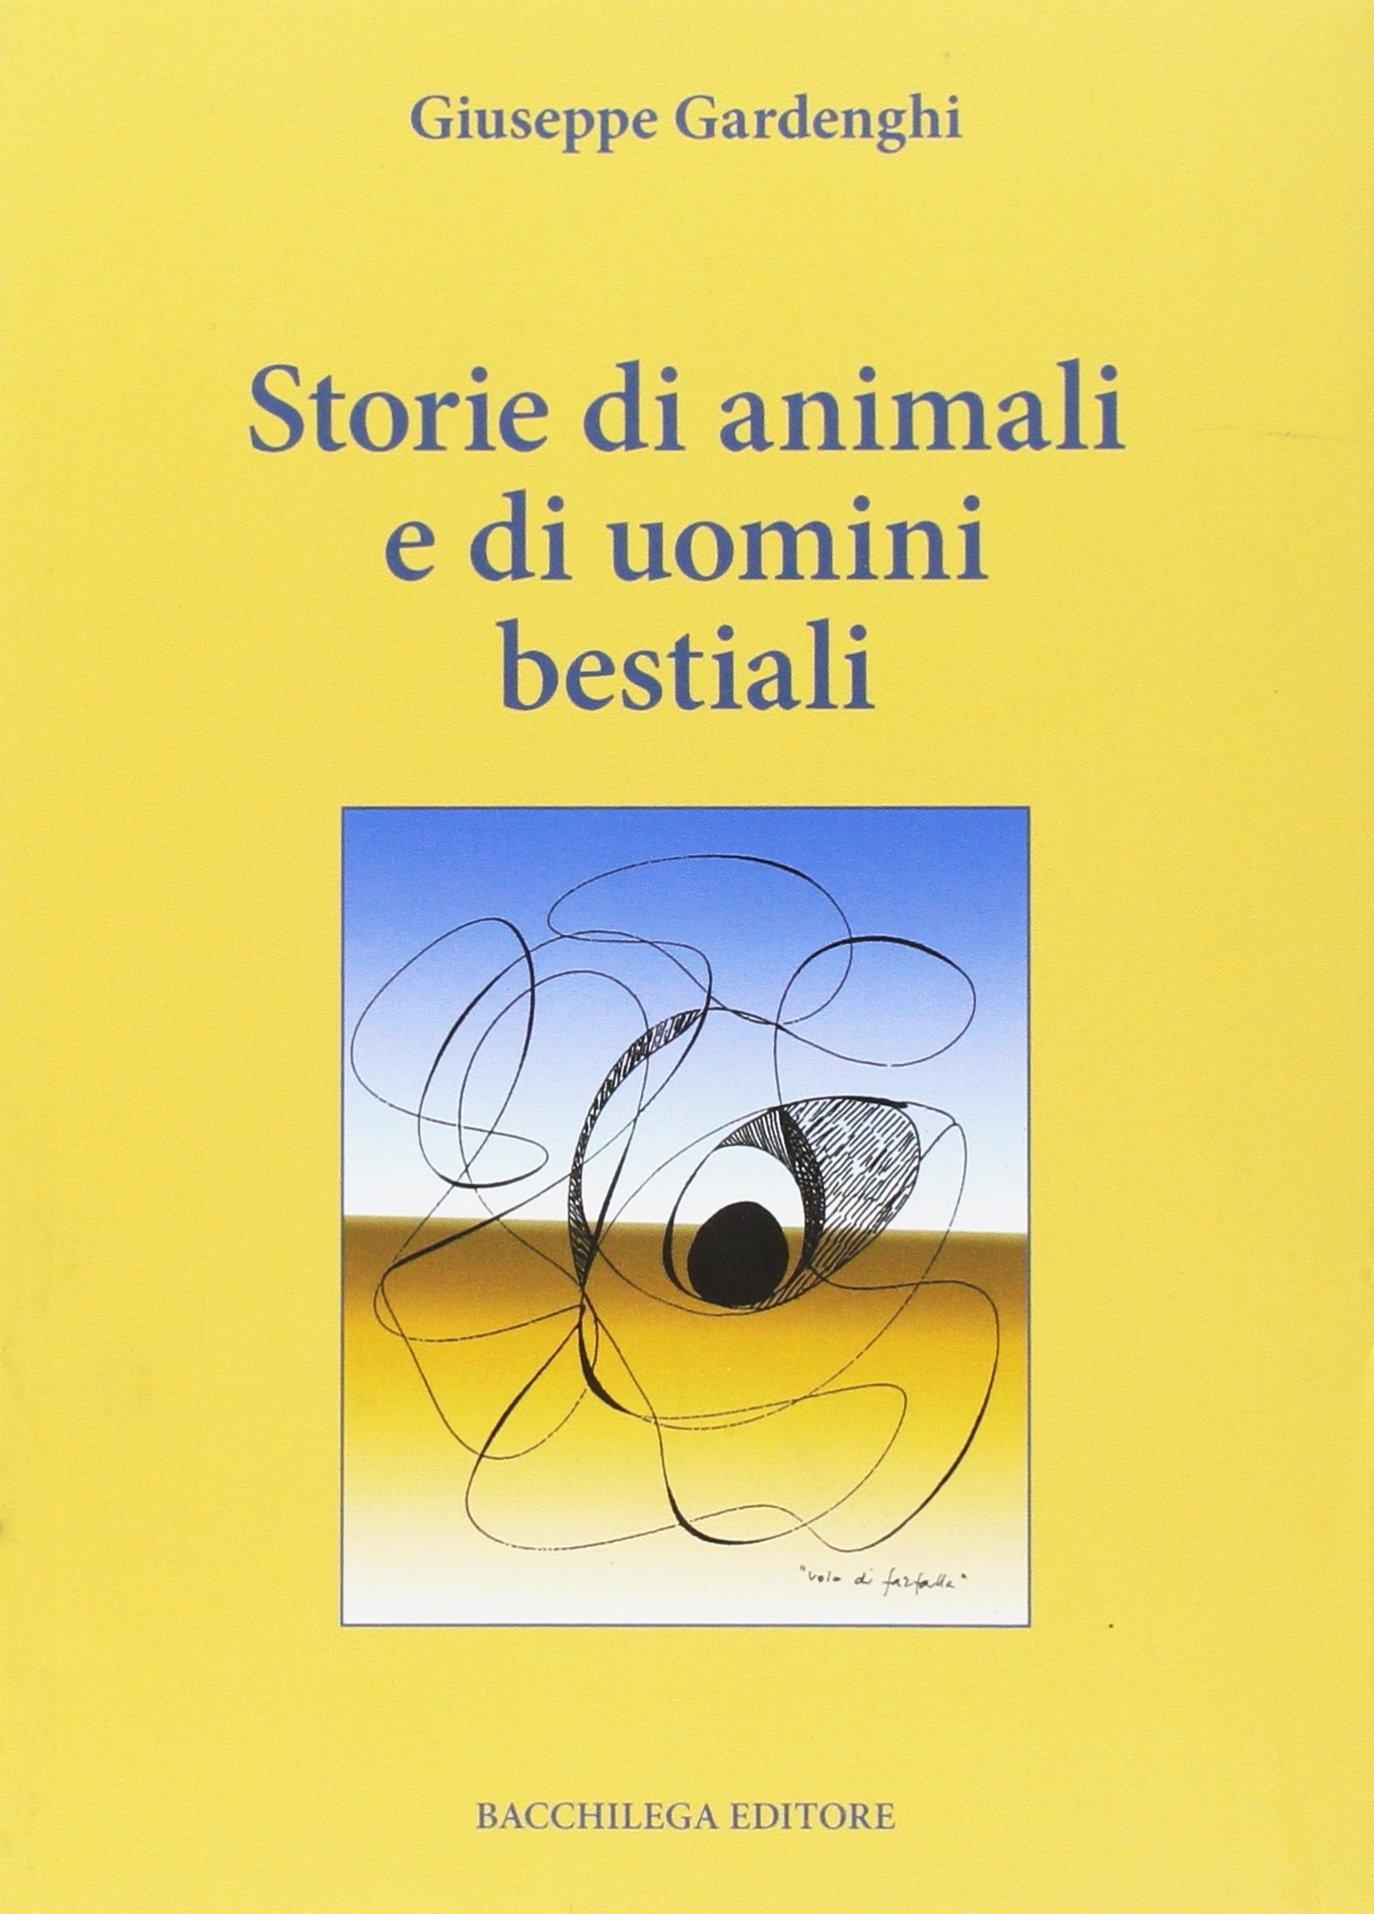 Storie di animali e di uomini bestiali